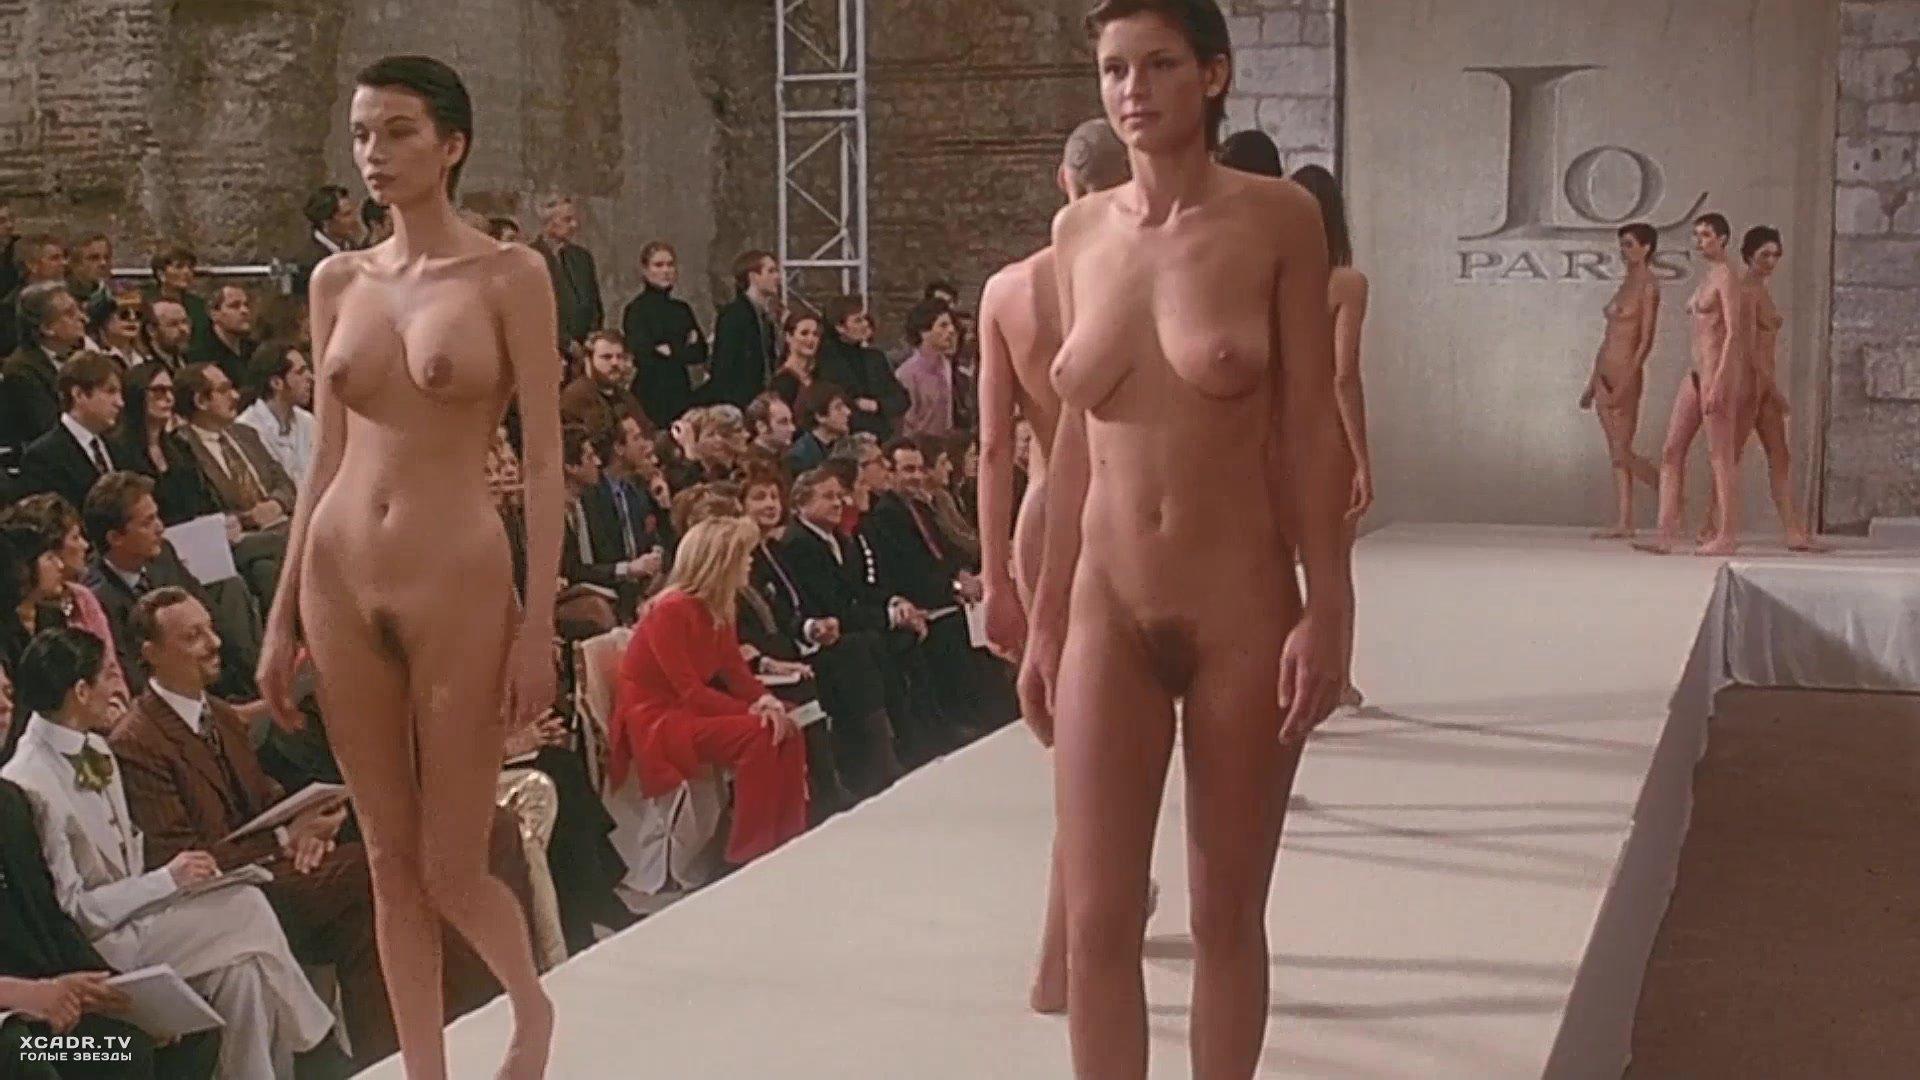 Эротика обнажённые на подиуме, Откровенная мода - Засветы на подиуме 16 фотография